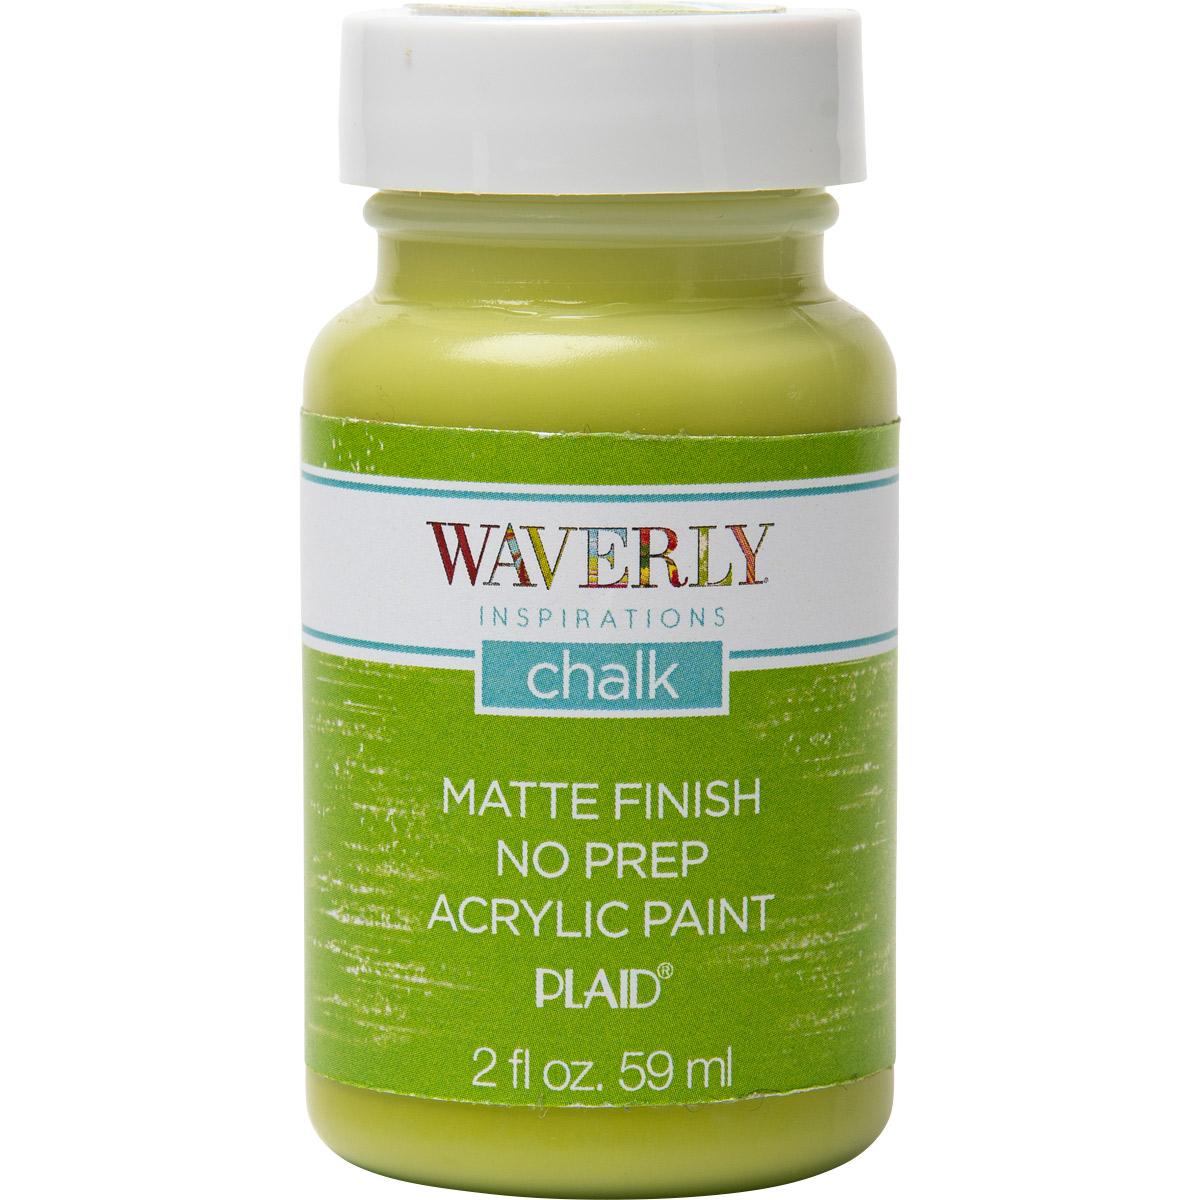 Waverly ® Inspirations Chalk Finish Acrylic Paint - Scallion, 2 oz. - 44631E